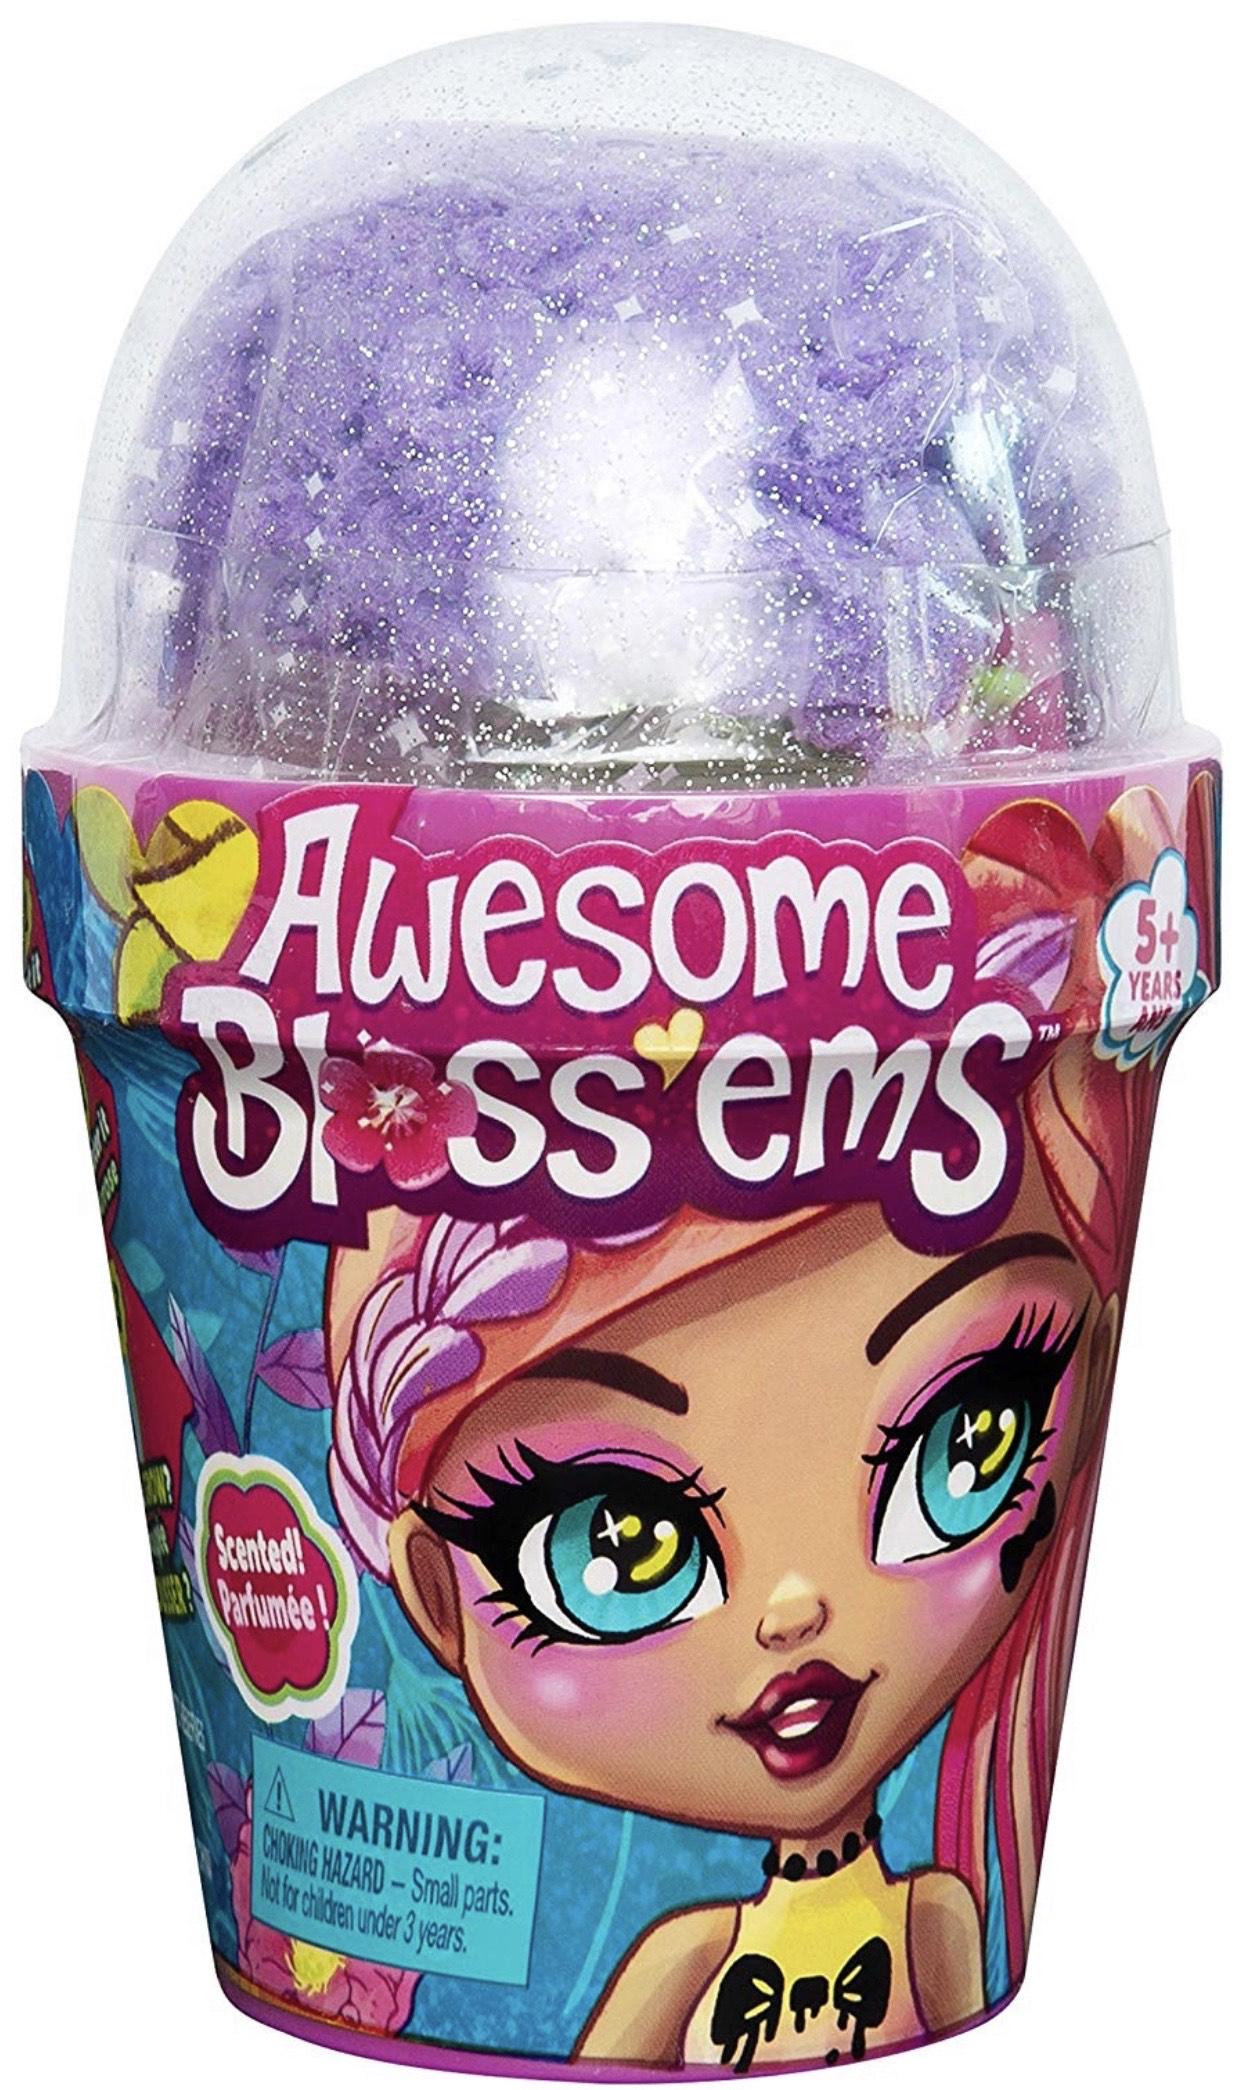 Awesome Bloss'ems 6054561, Multi Colour £2 (Prime) / £6.49 (non Prime) @ Amazon